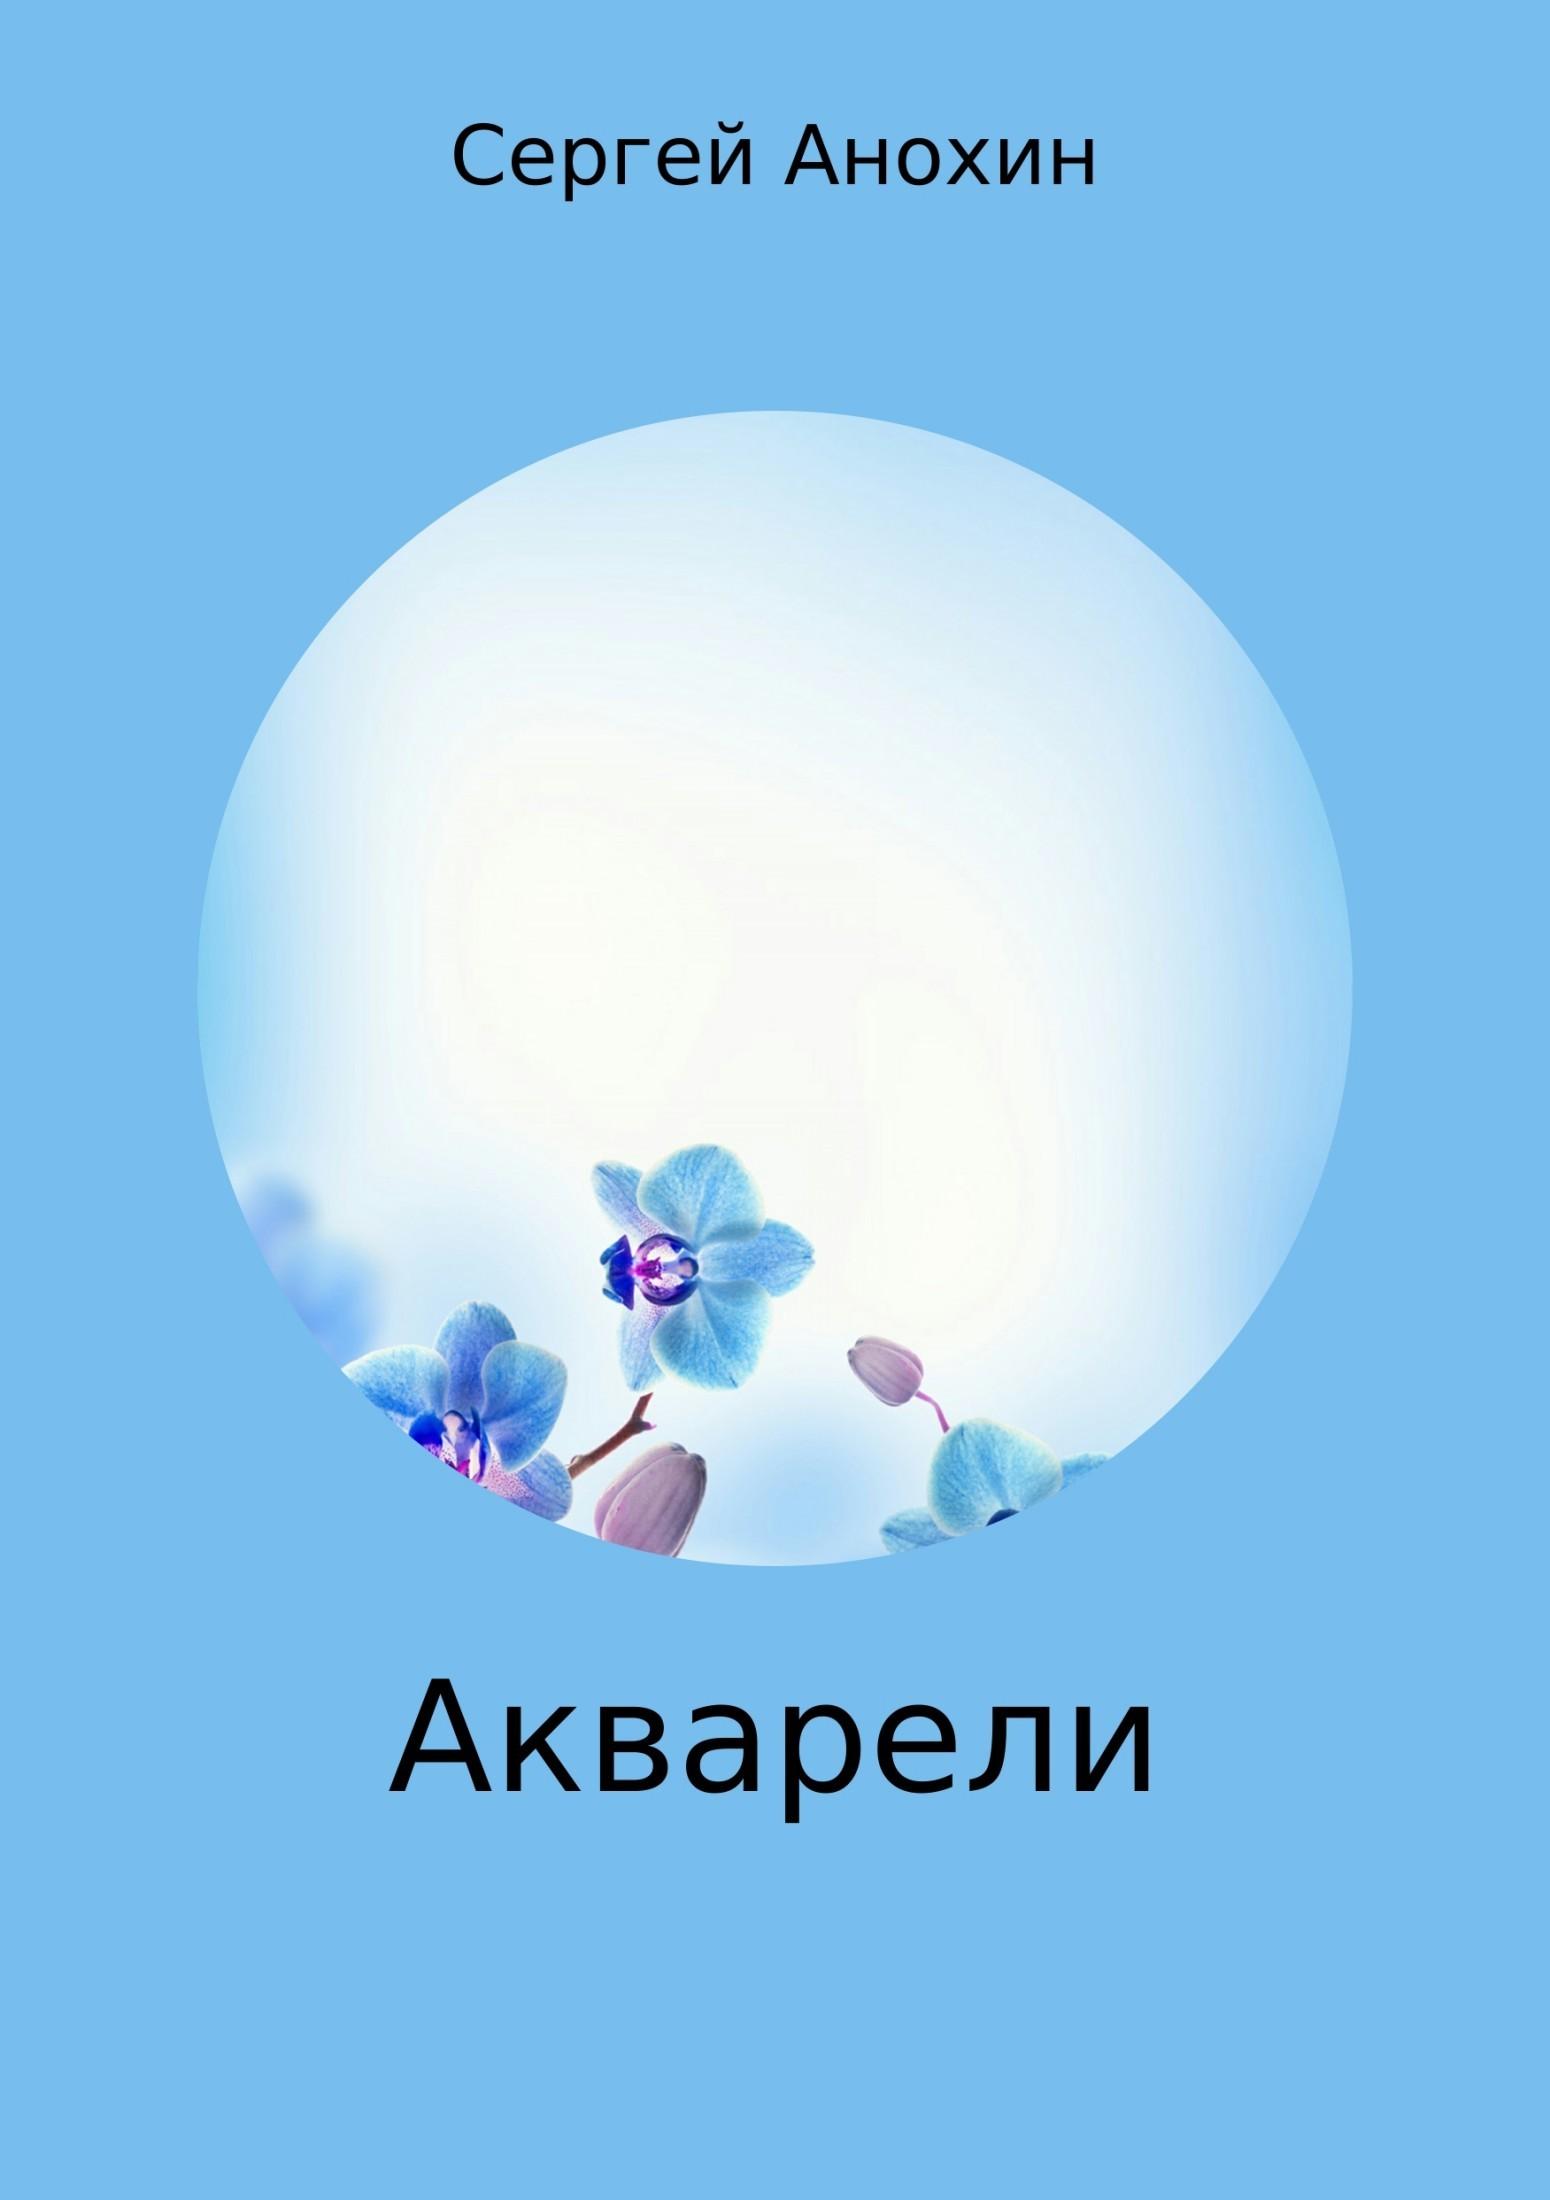 Сергей Михайлович Анохин Акварели. Сборник стихотворений цена